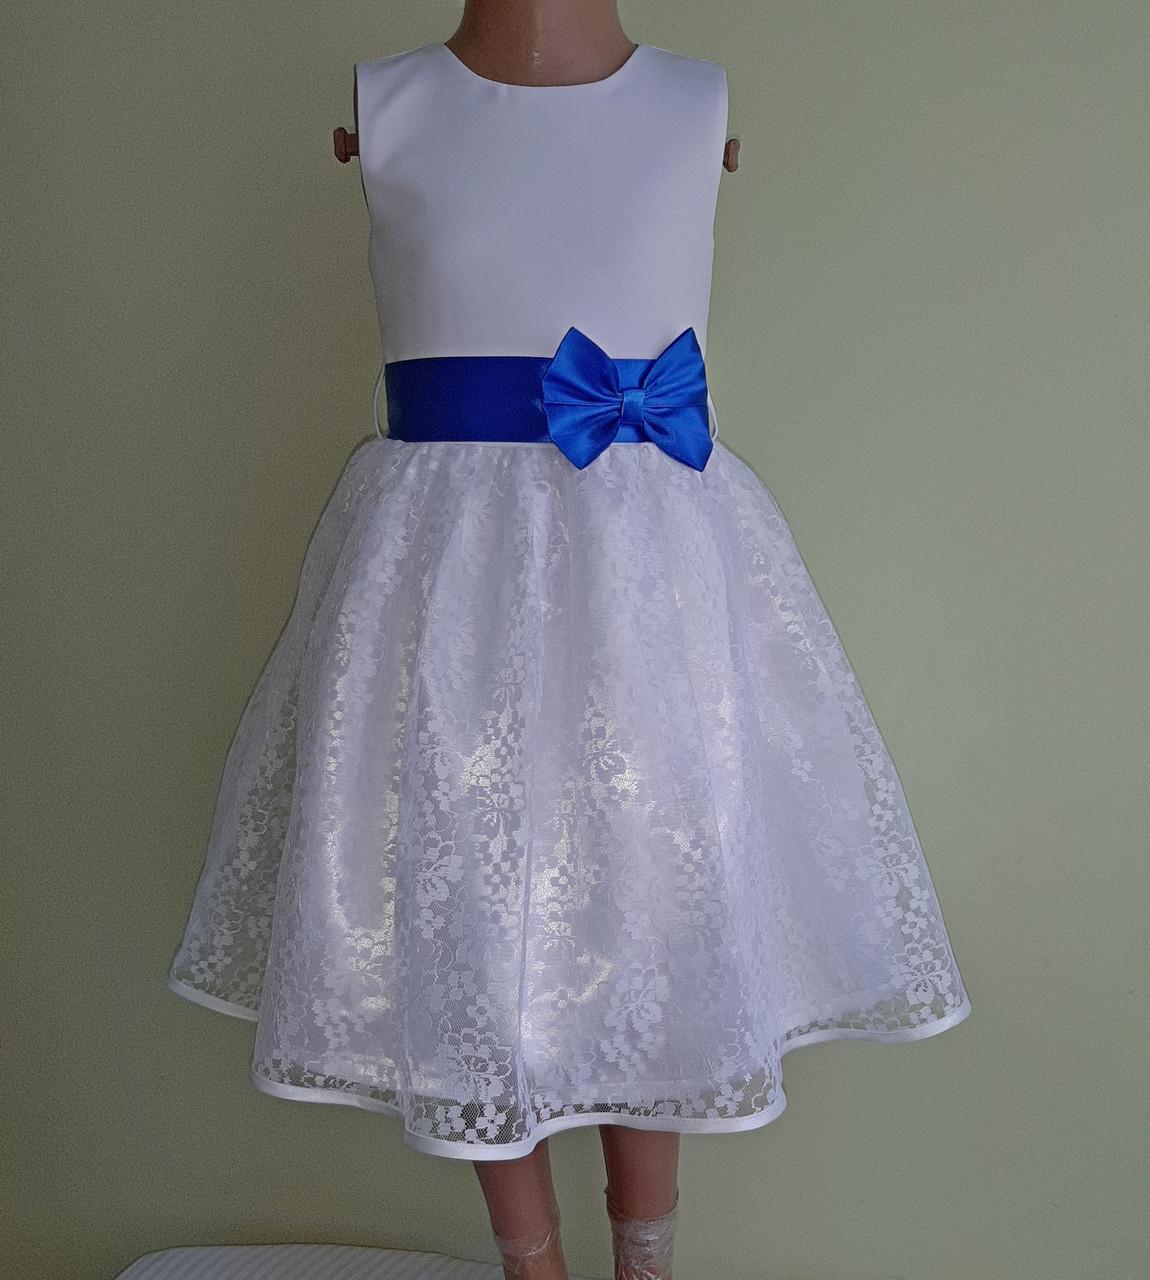 Святкова дитяча білосніжна сукня з синім бантом